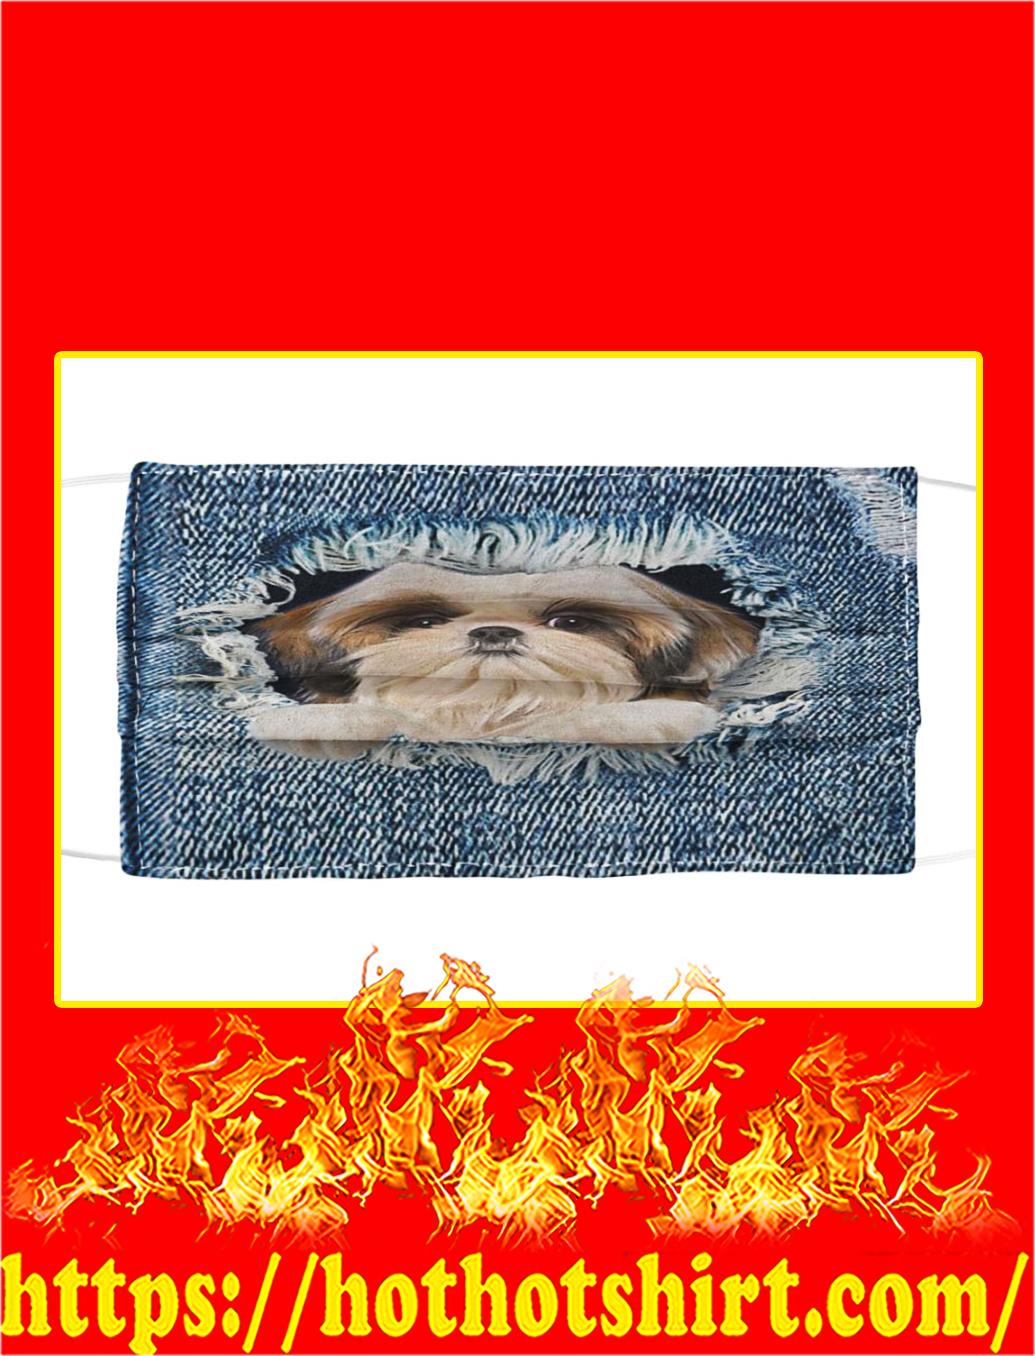 Inside Shih Tzu Cloth Face Mask- pic 1